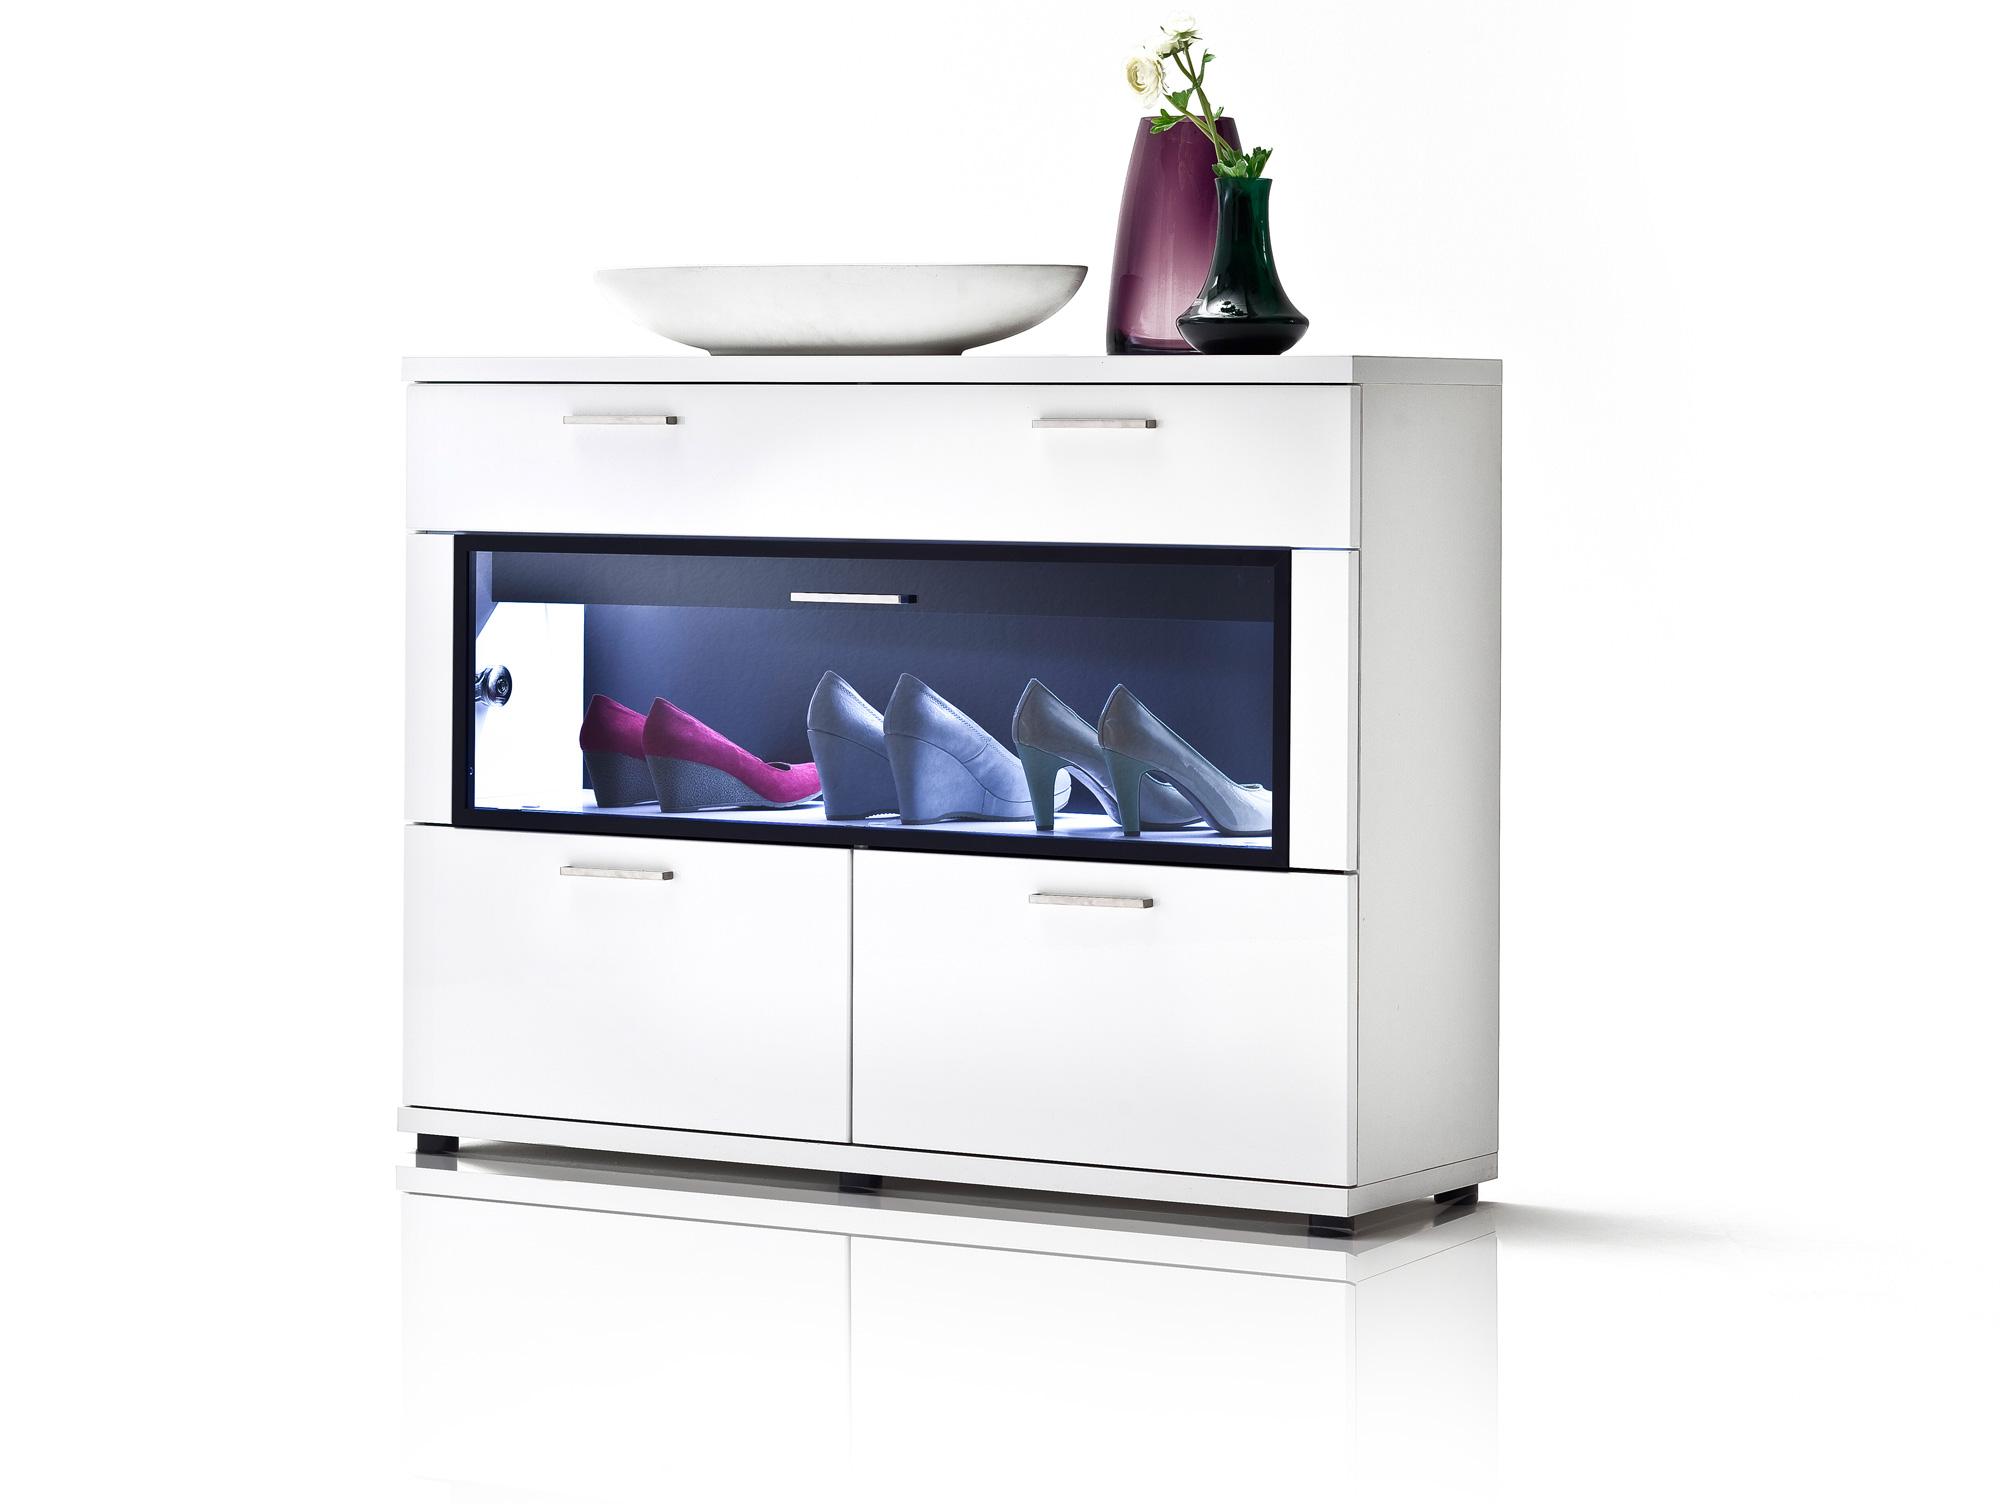 schuhschrank weiss g nstig kaufen. Black Bedroom Furniture Sets. Home Design Ideas